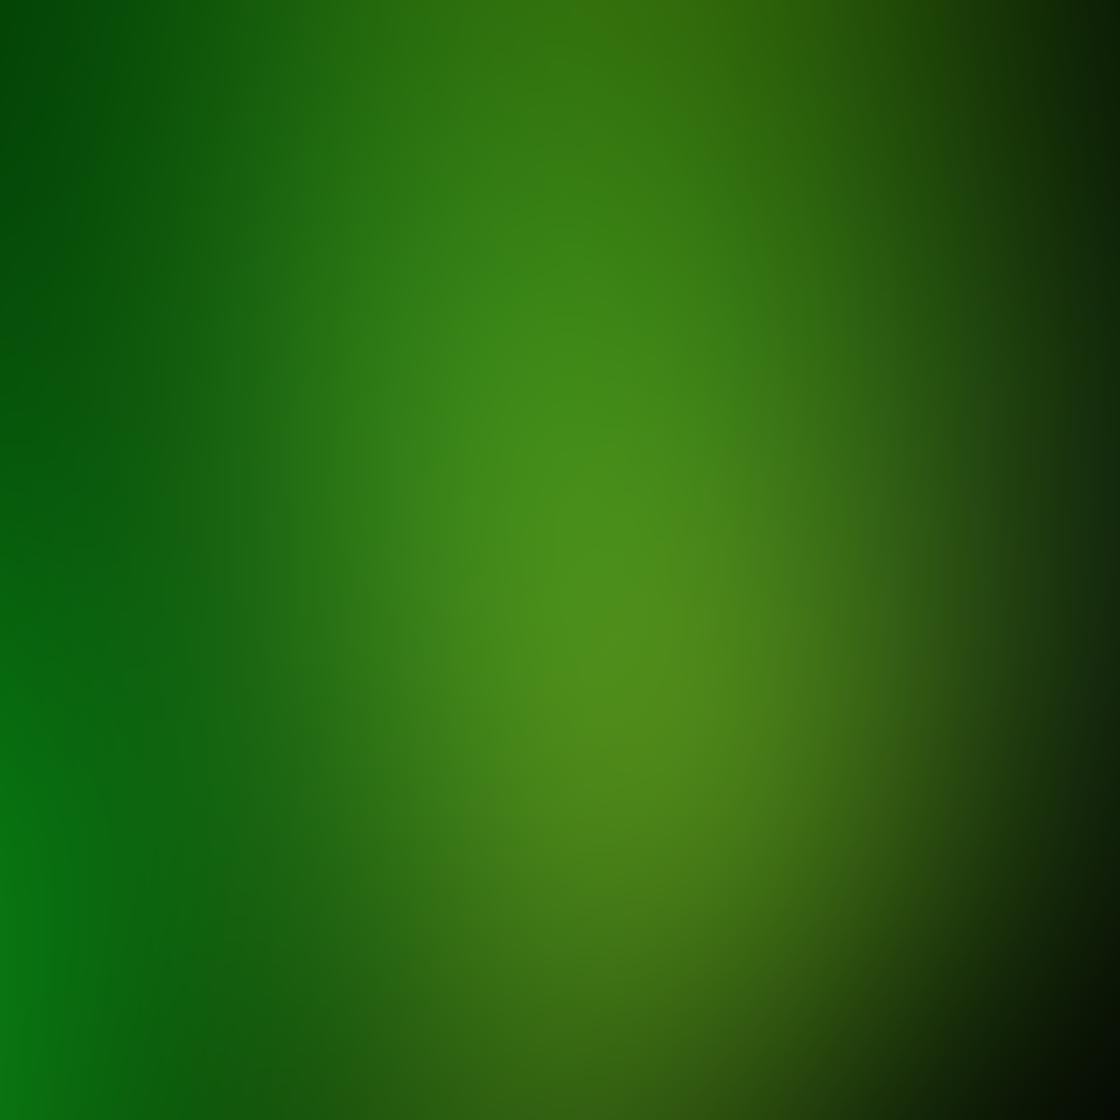 green_iphone_photos-04